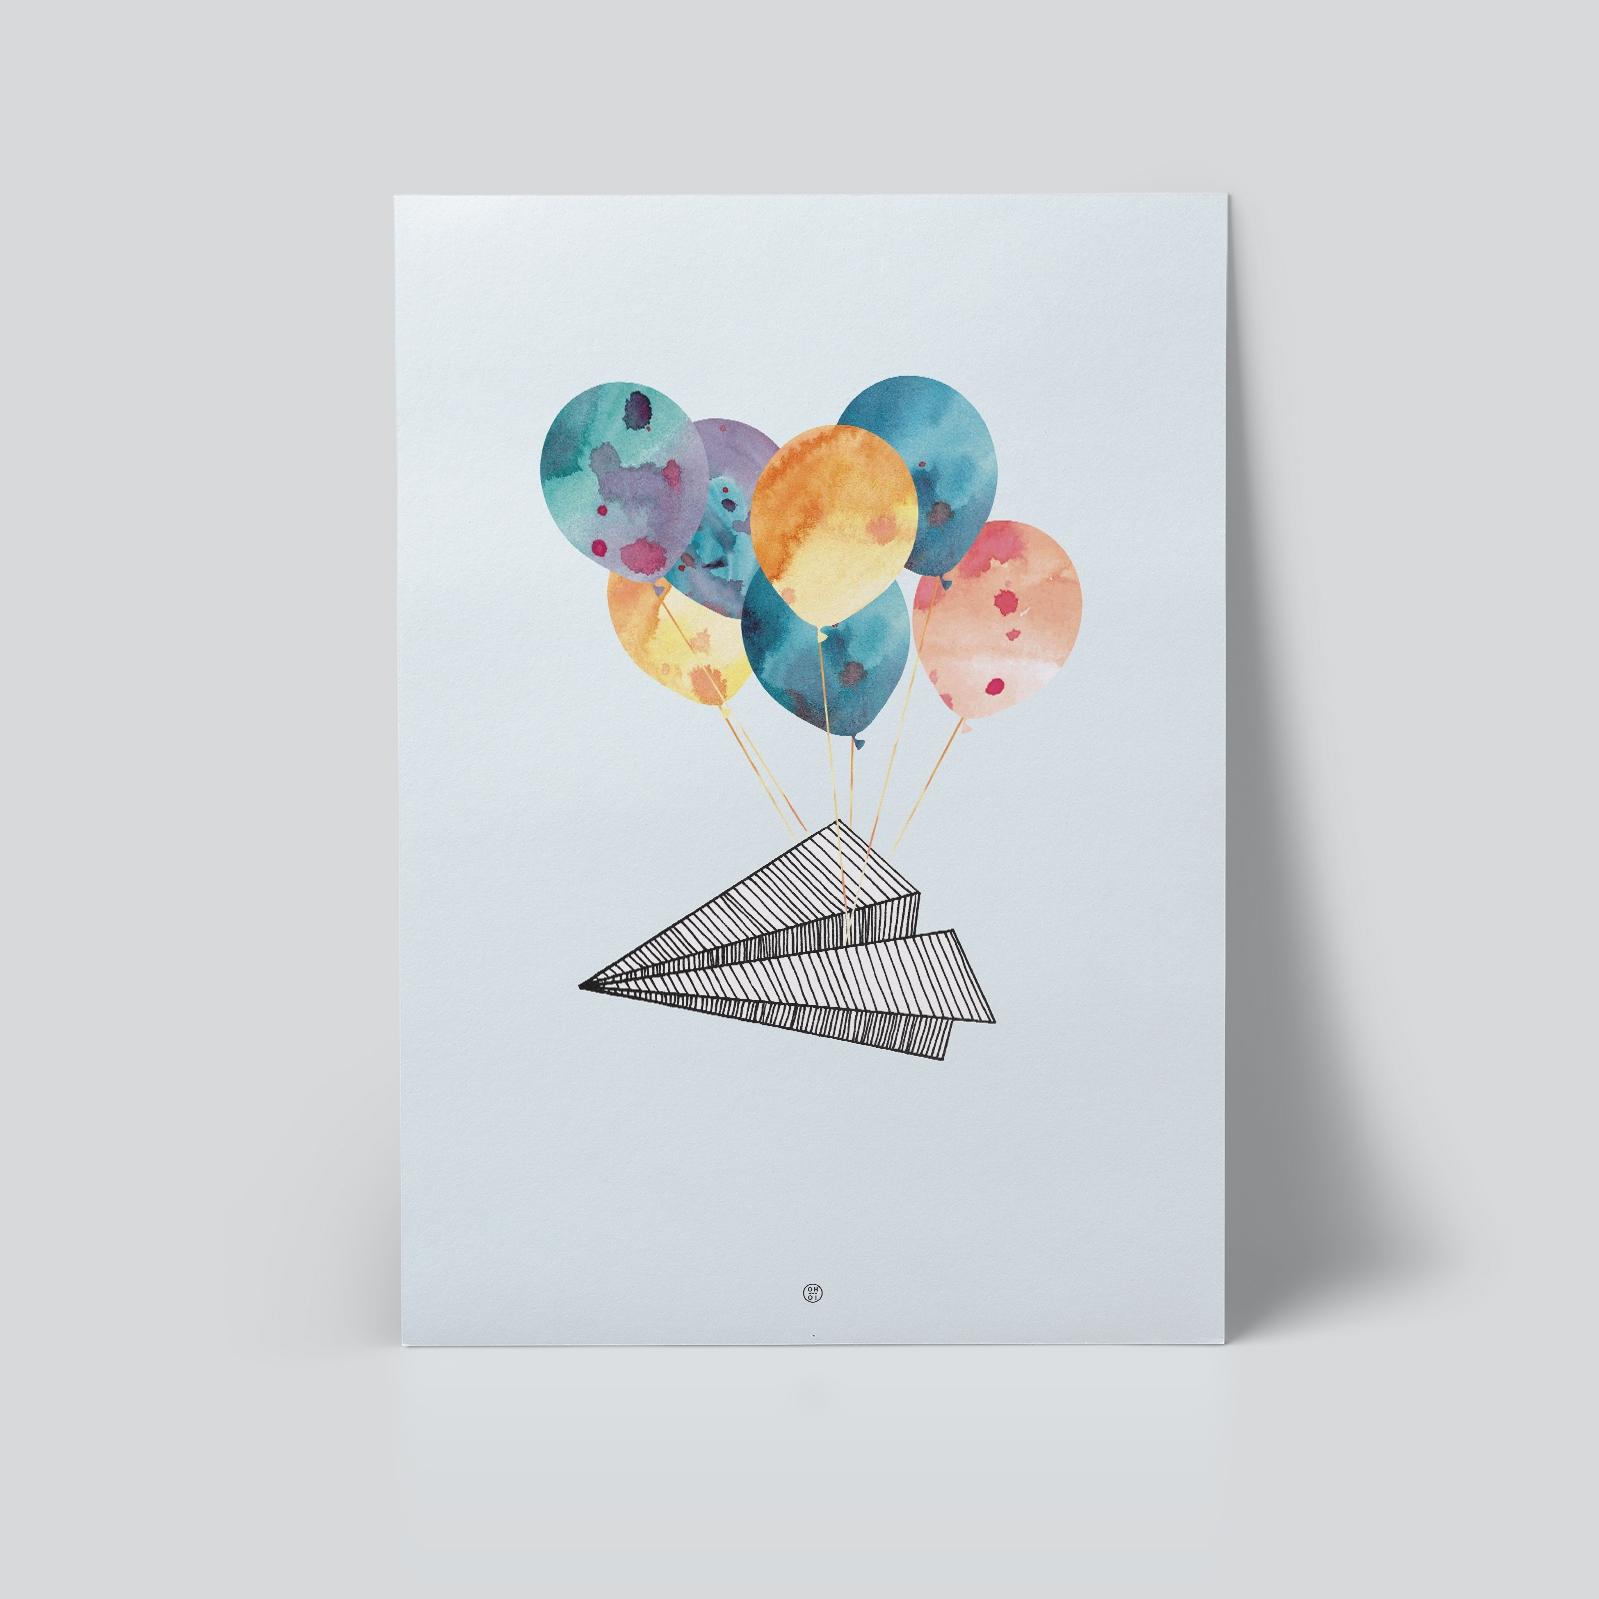 papirfly plakat | barnerom | ballonger